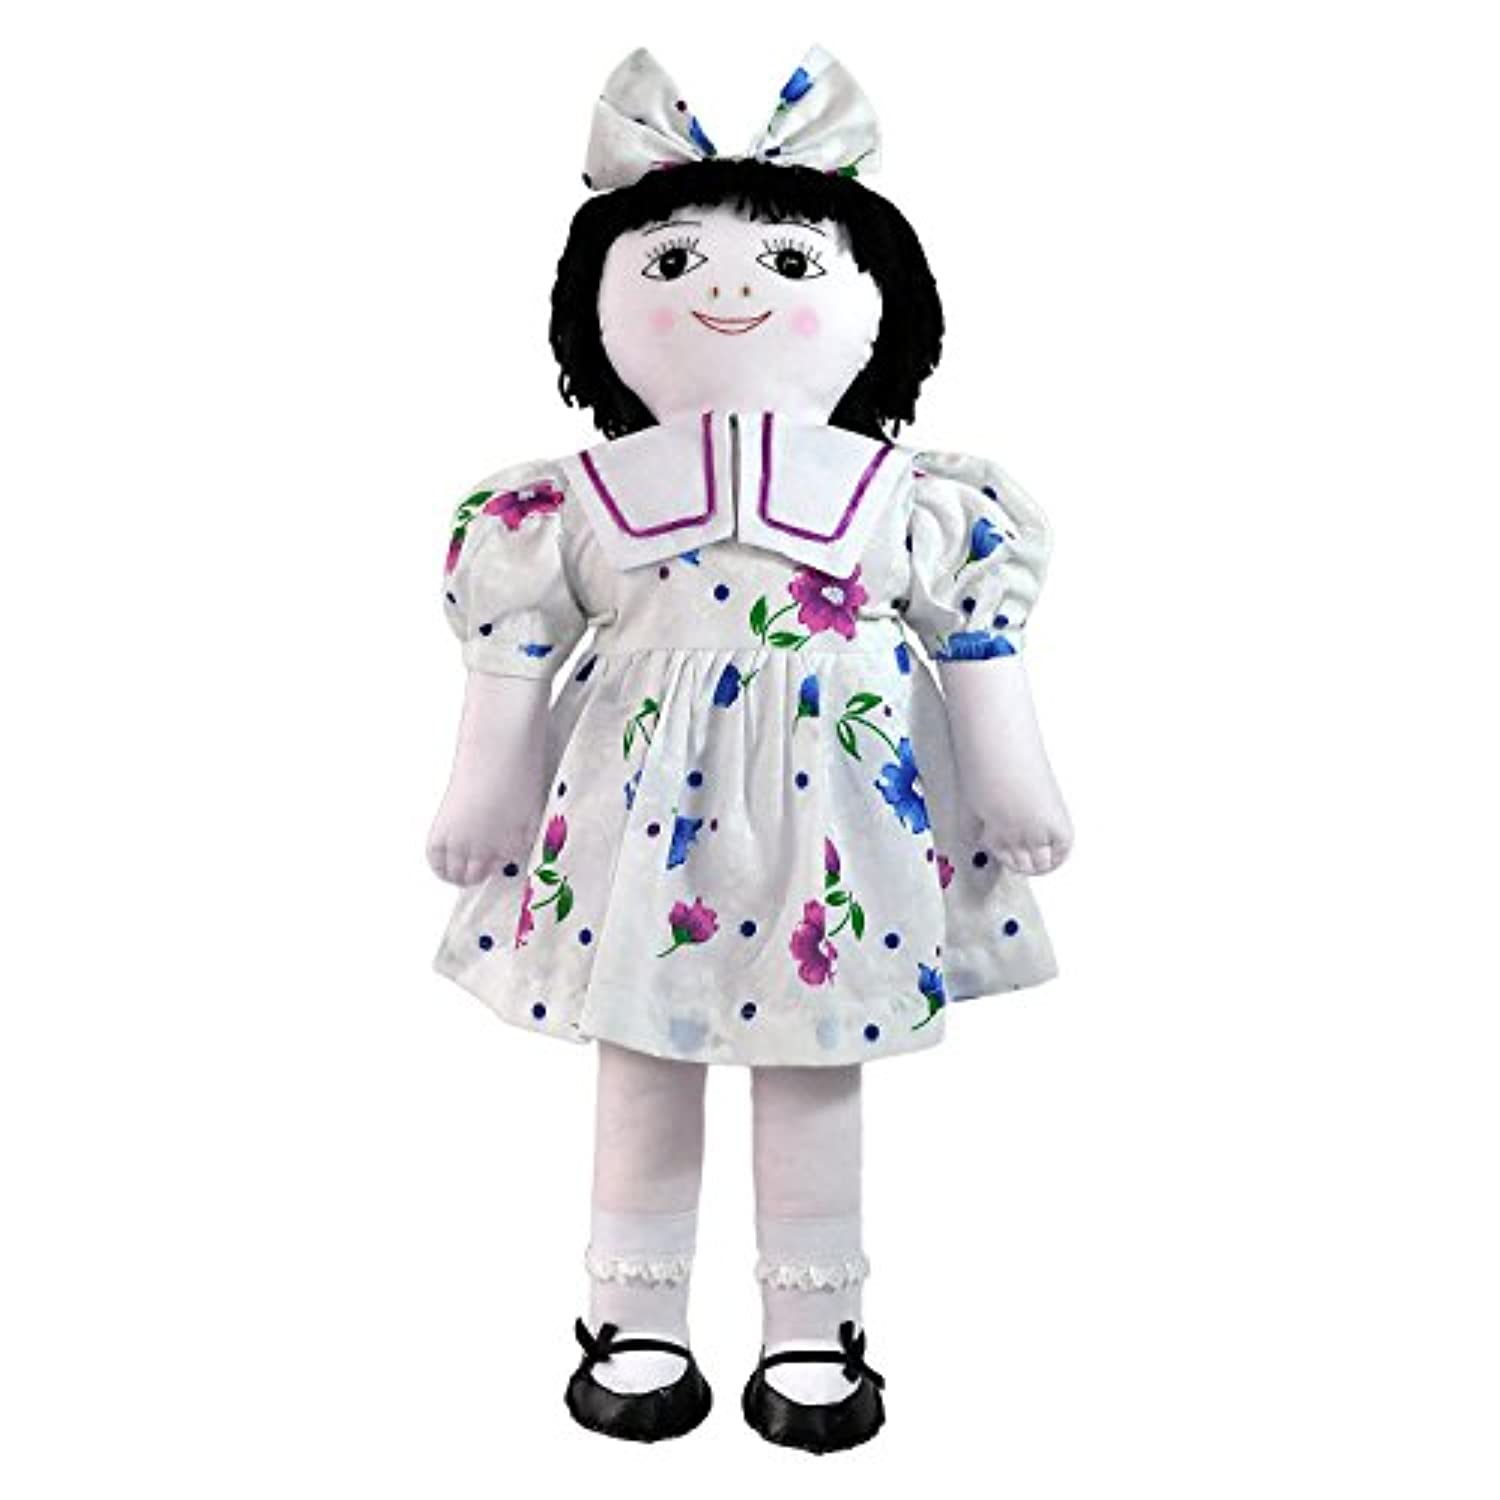 Nation of Dolls American人形Sandraホワイト